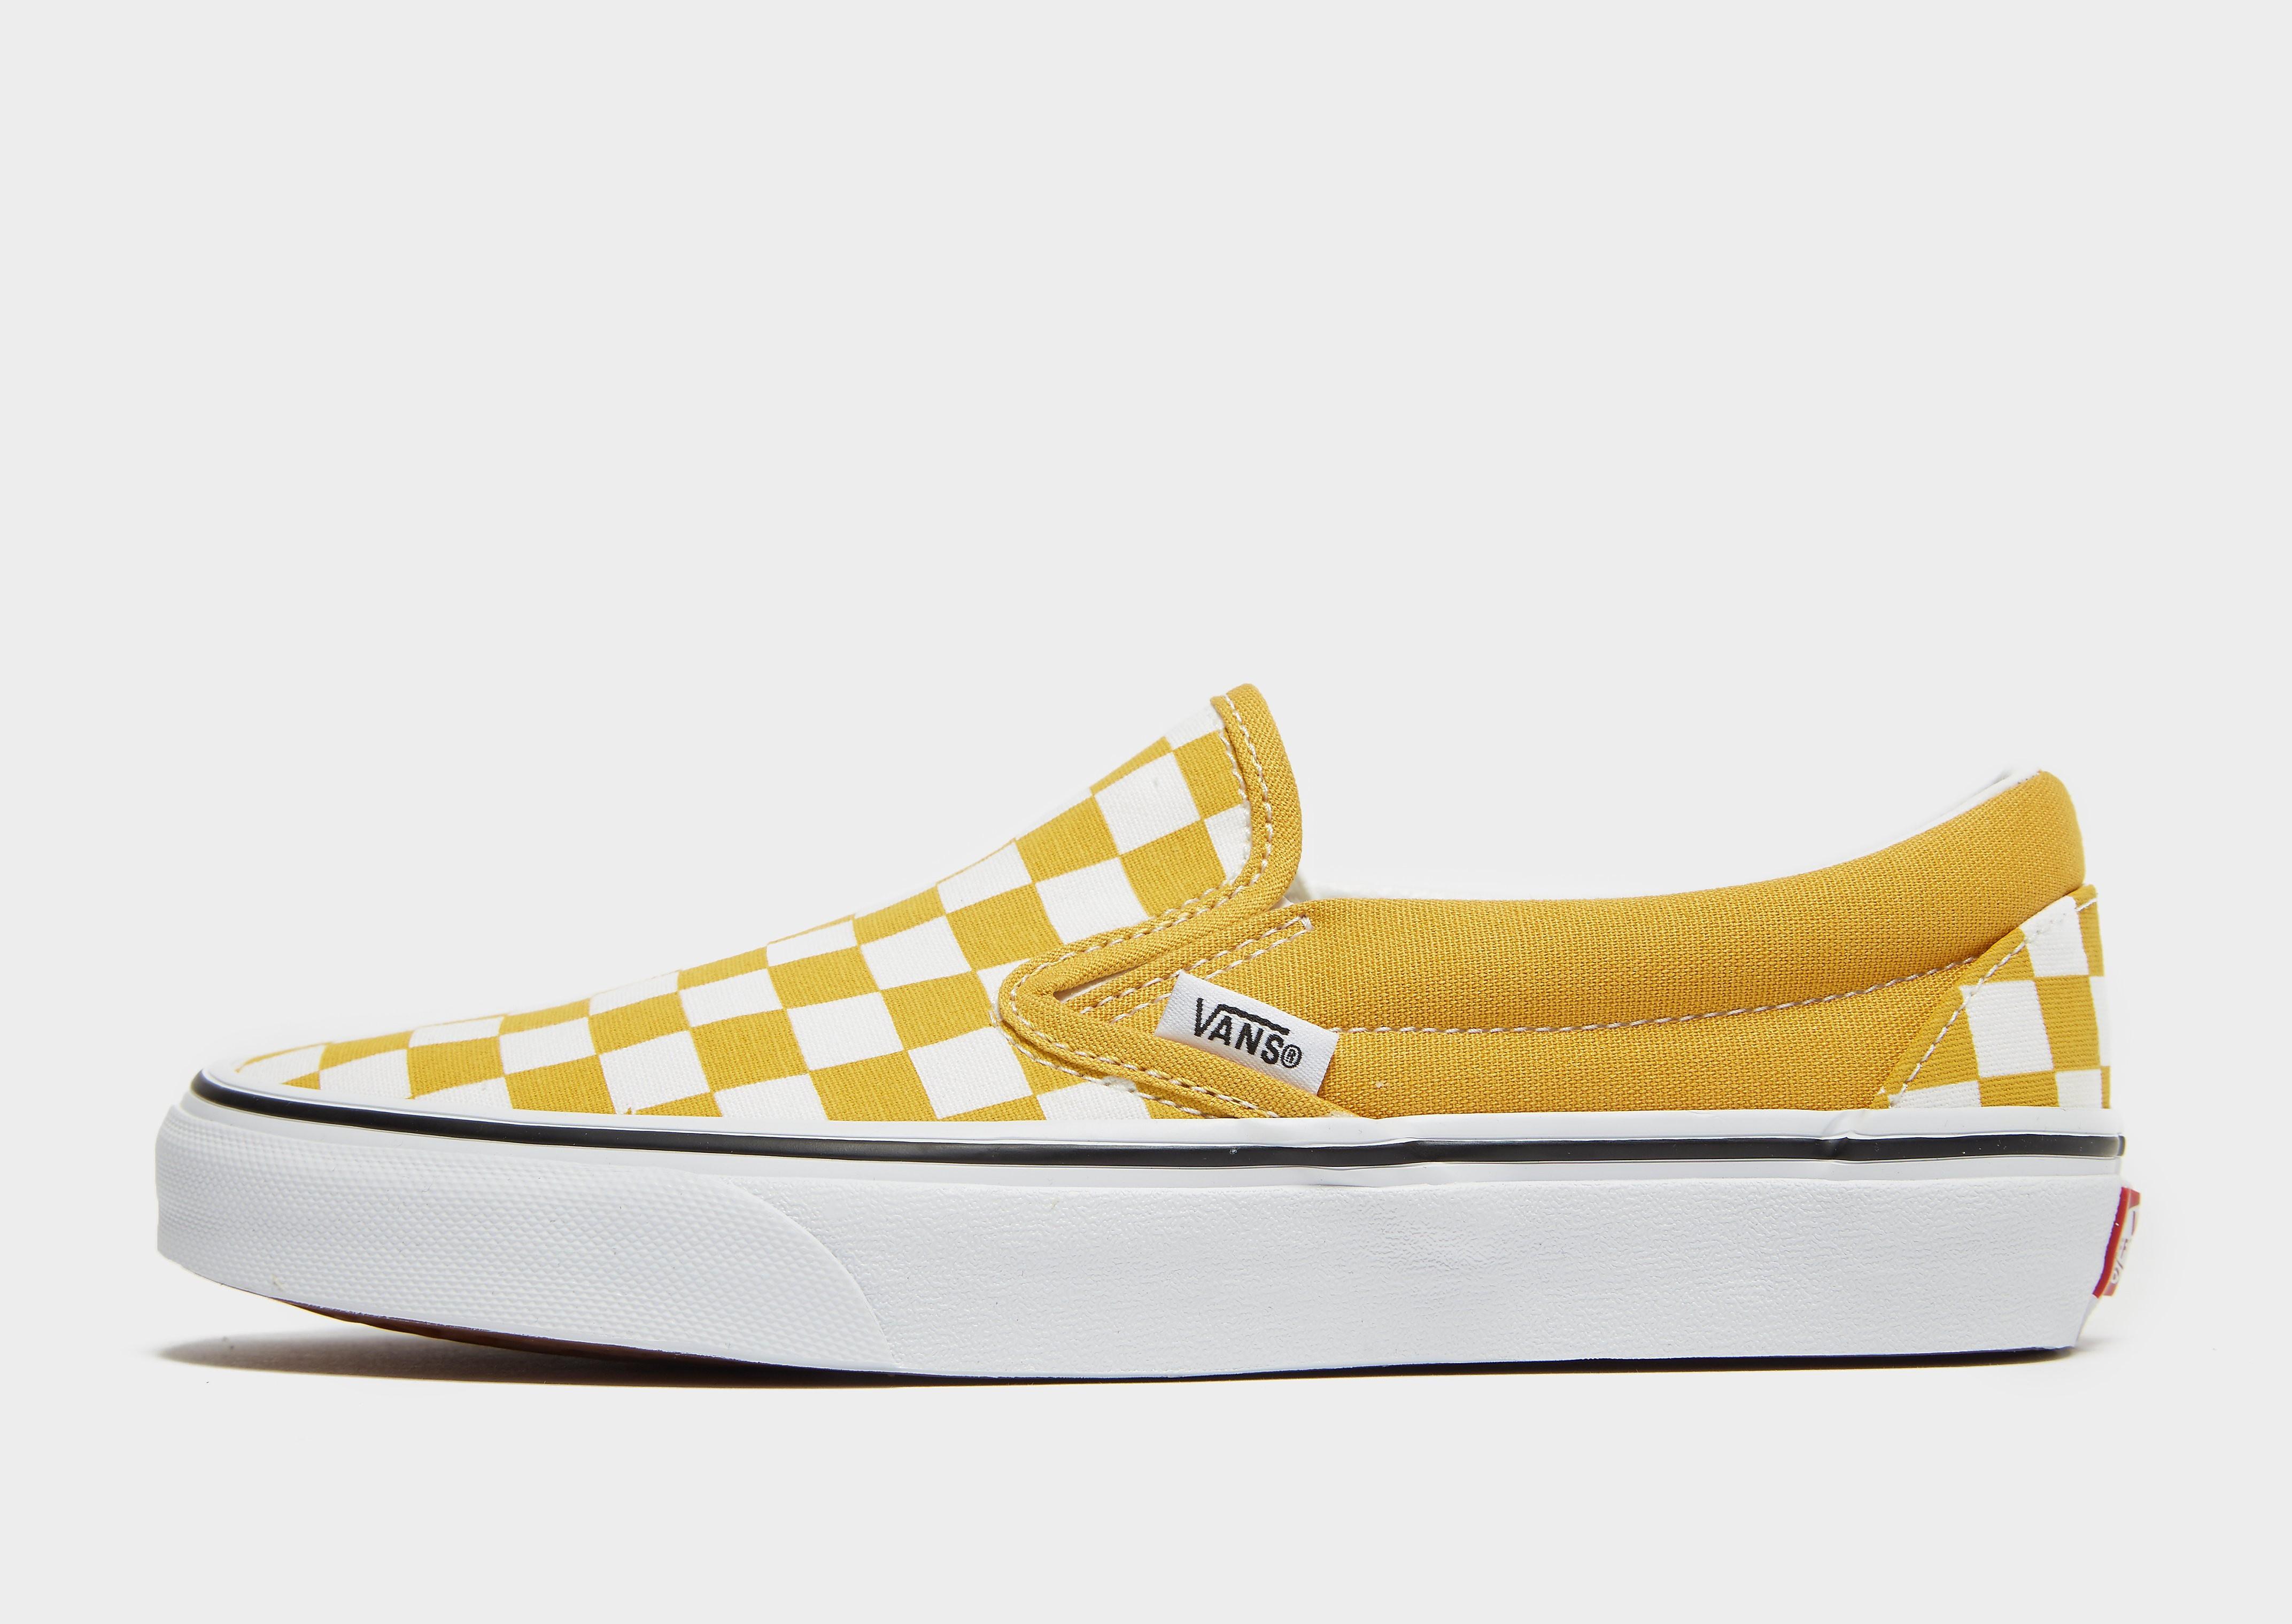 Vans Classic Slip-On damessneaker geel en wit